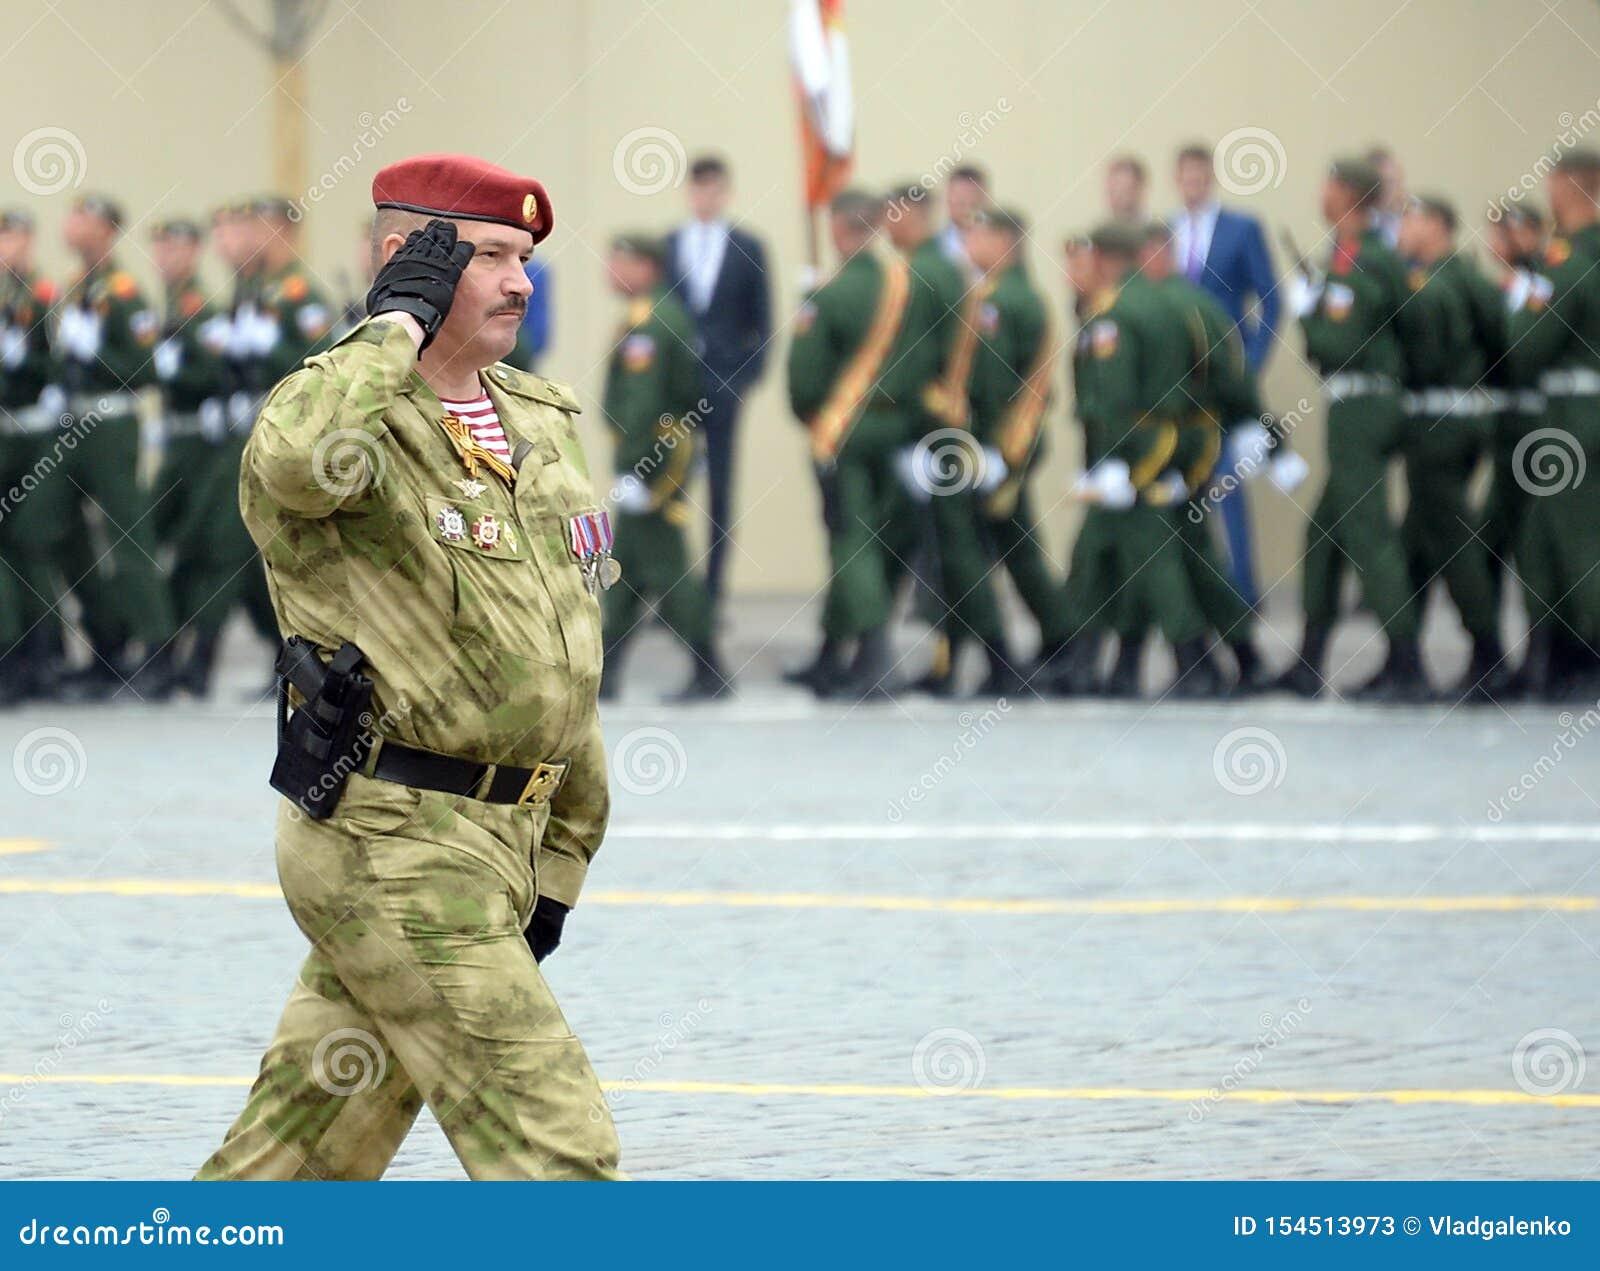 Ο διοικητής ενός χωριστού τμήματος σε τους Εθνική φρουρά στρατεύματα σημαντικός στρατηγός Dmitry Cherepanov Dzerzhinsky